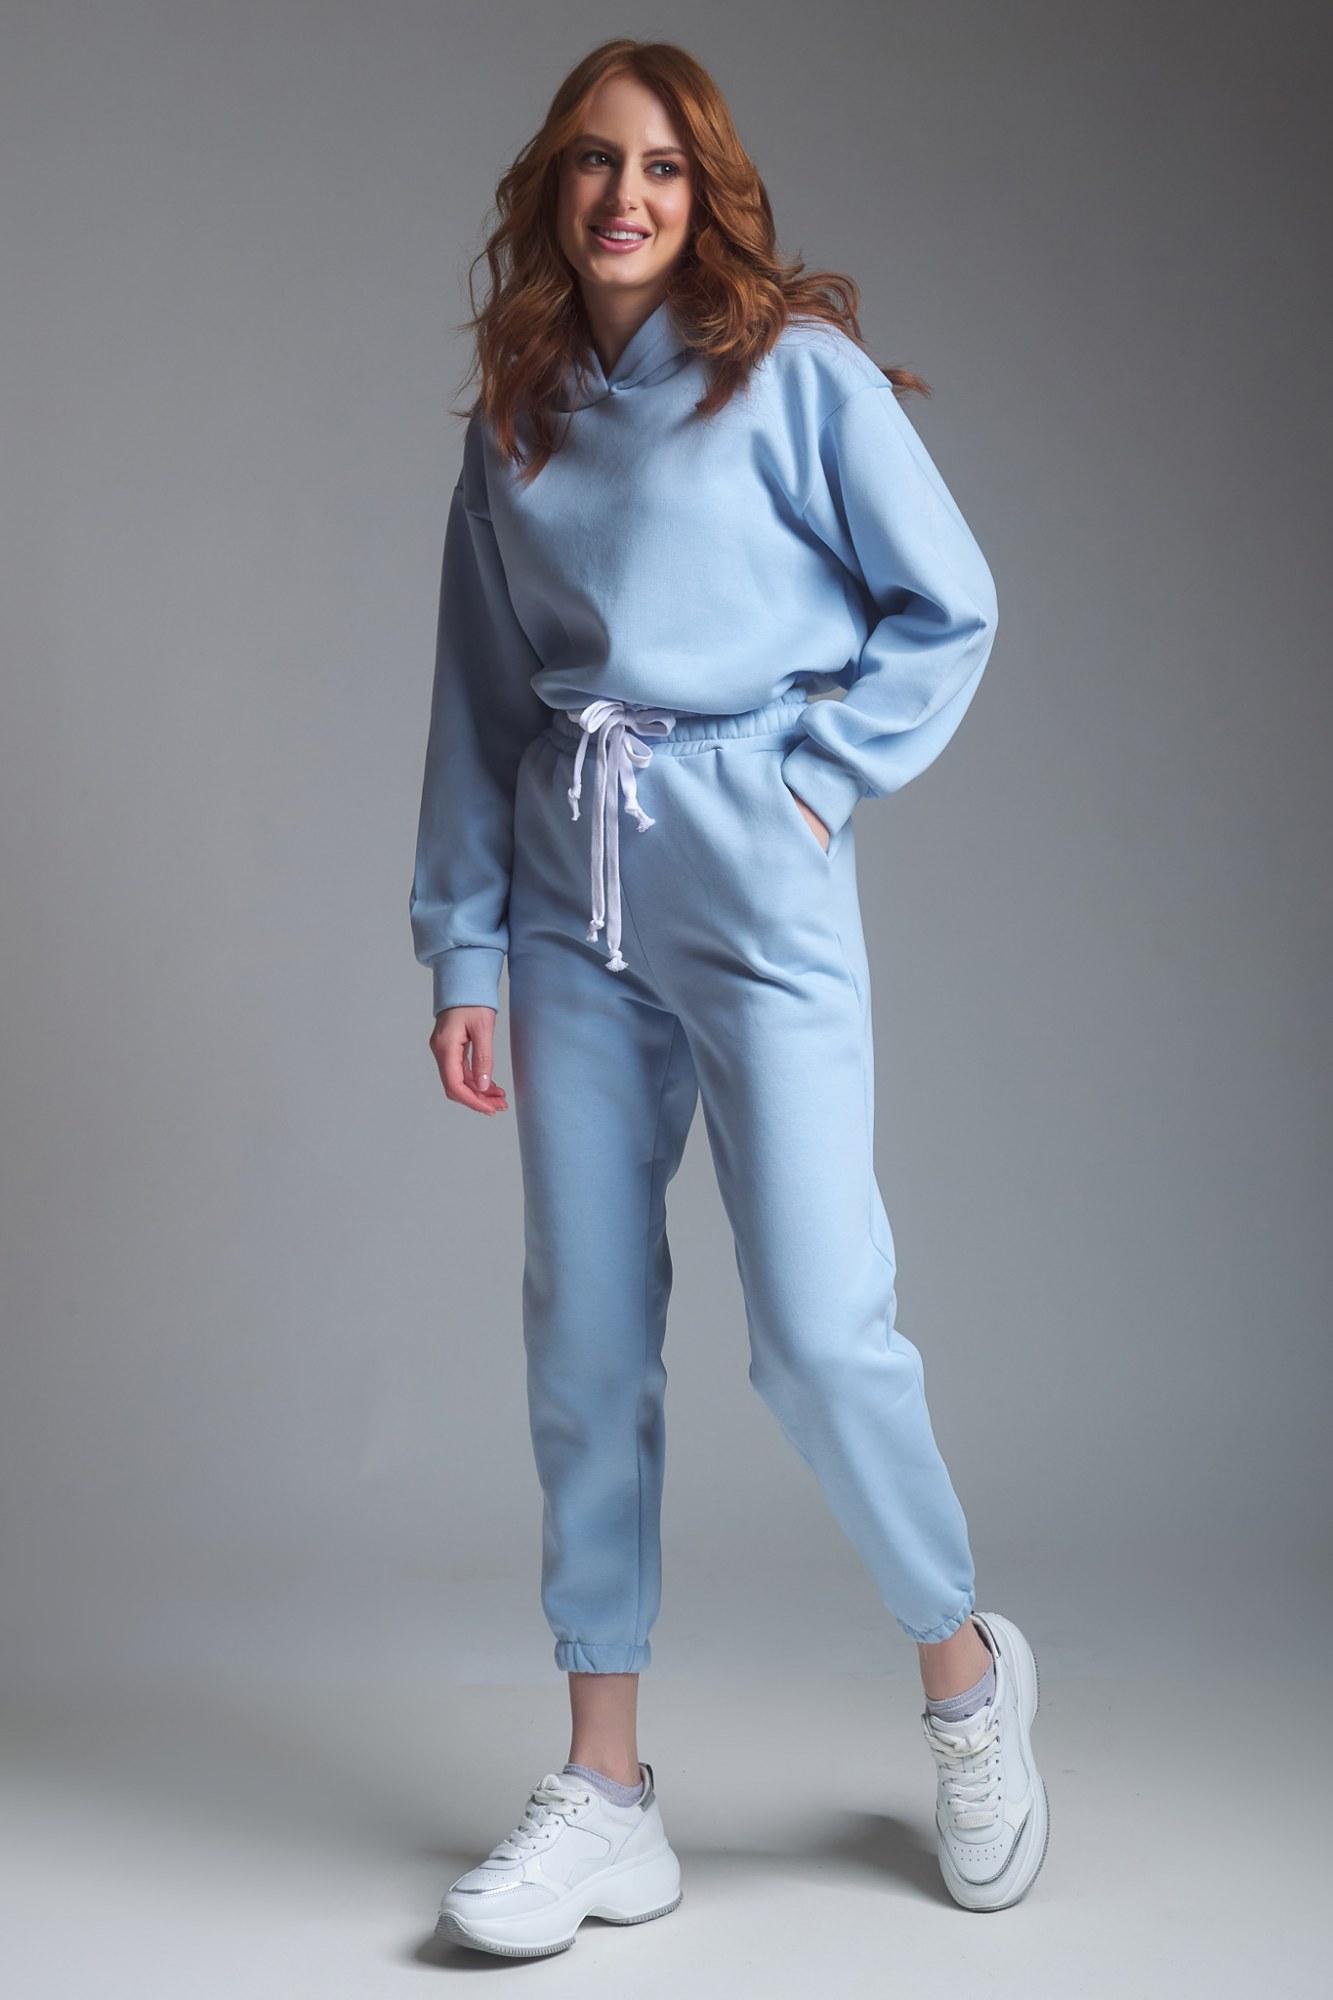 Σετ φόρμες σιέλ φούτερ με κουκούλα στην μπλούζα